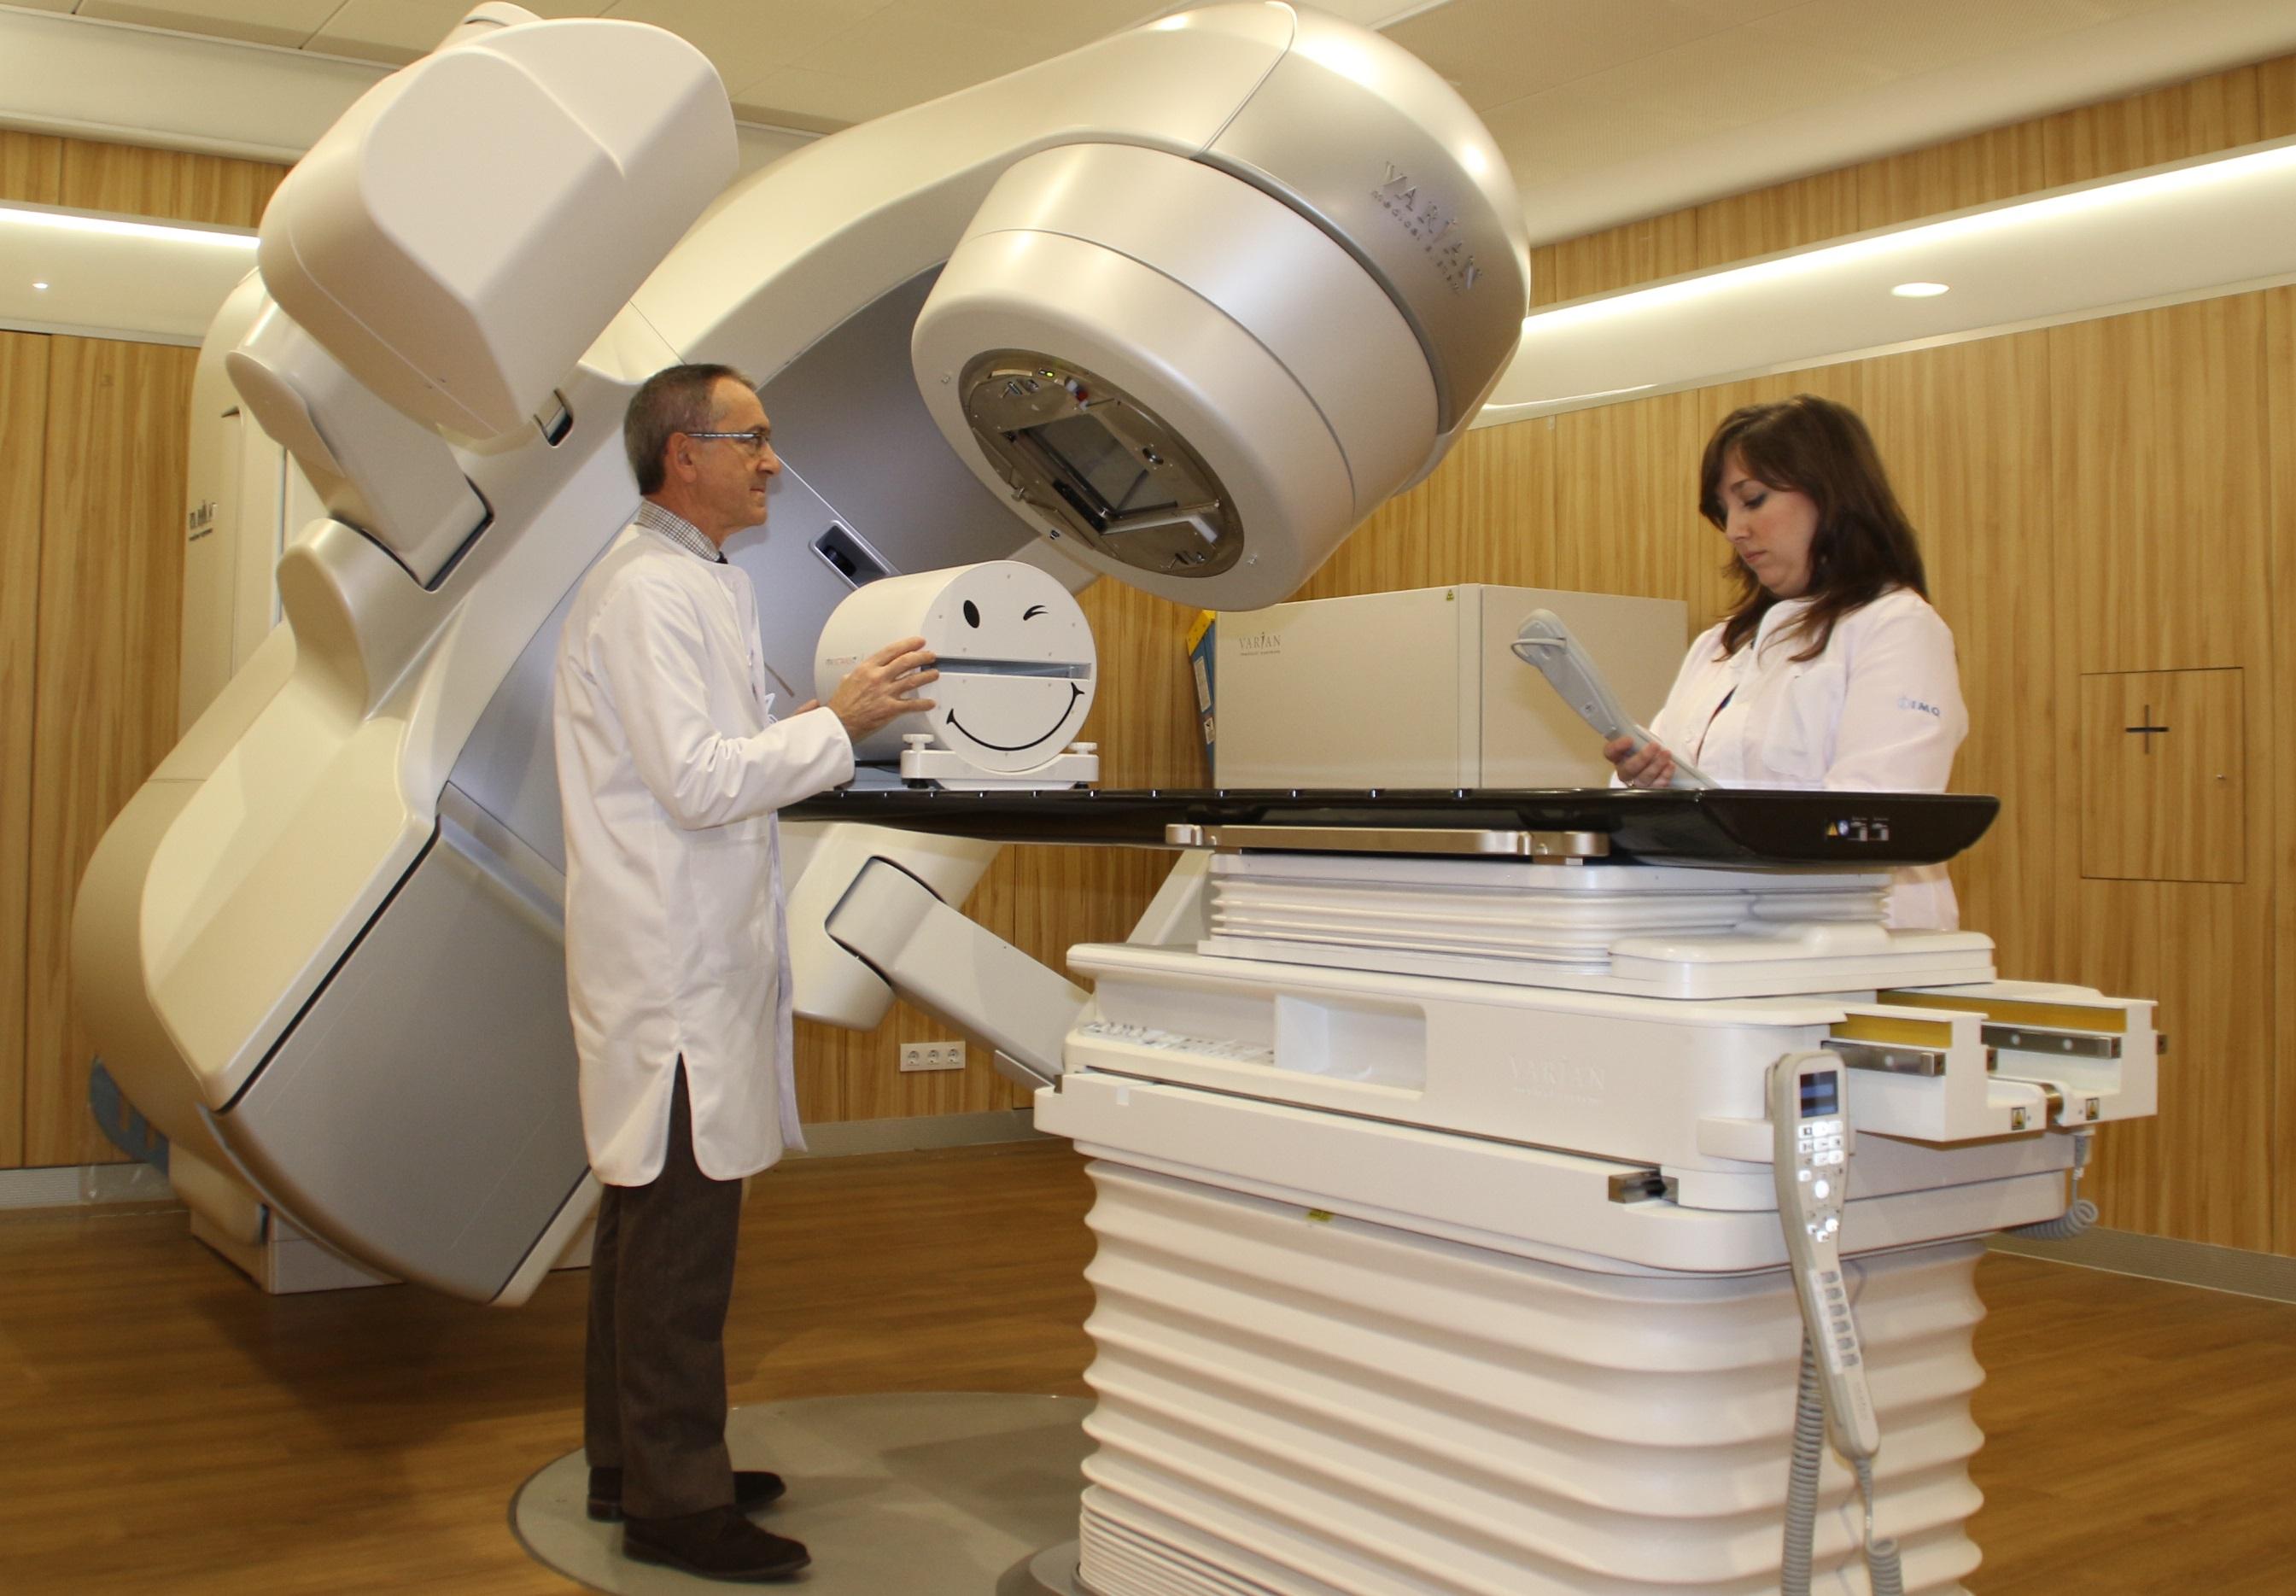 Acelerador lineal: tecnología de última generación contra el cáncer